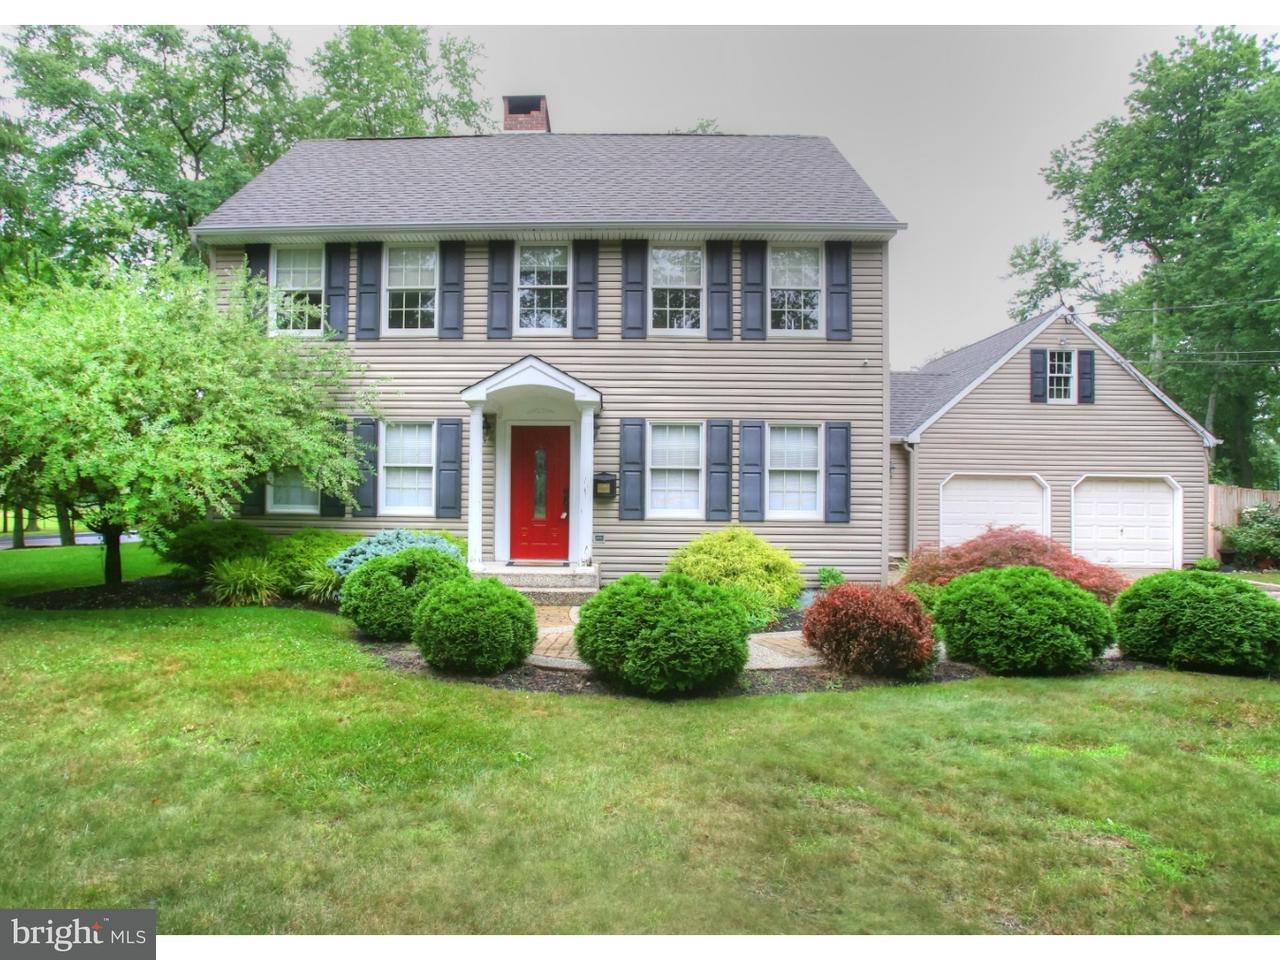 Einfamilienhaus für Verkauf beim 222 W BROAD Street Berlin Boro, New Jersey 08009 Vereinigte Staaten